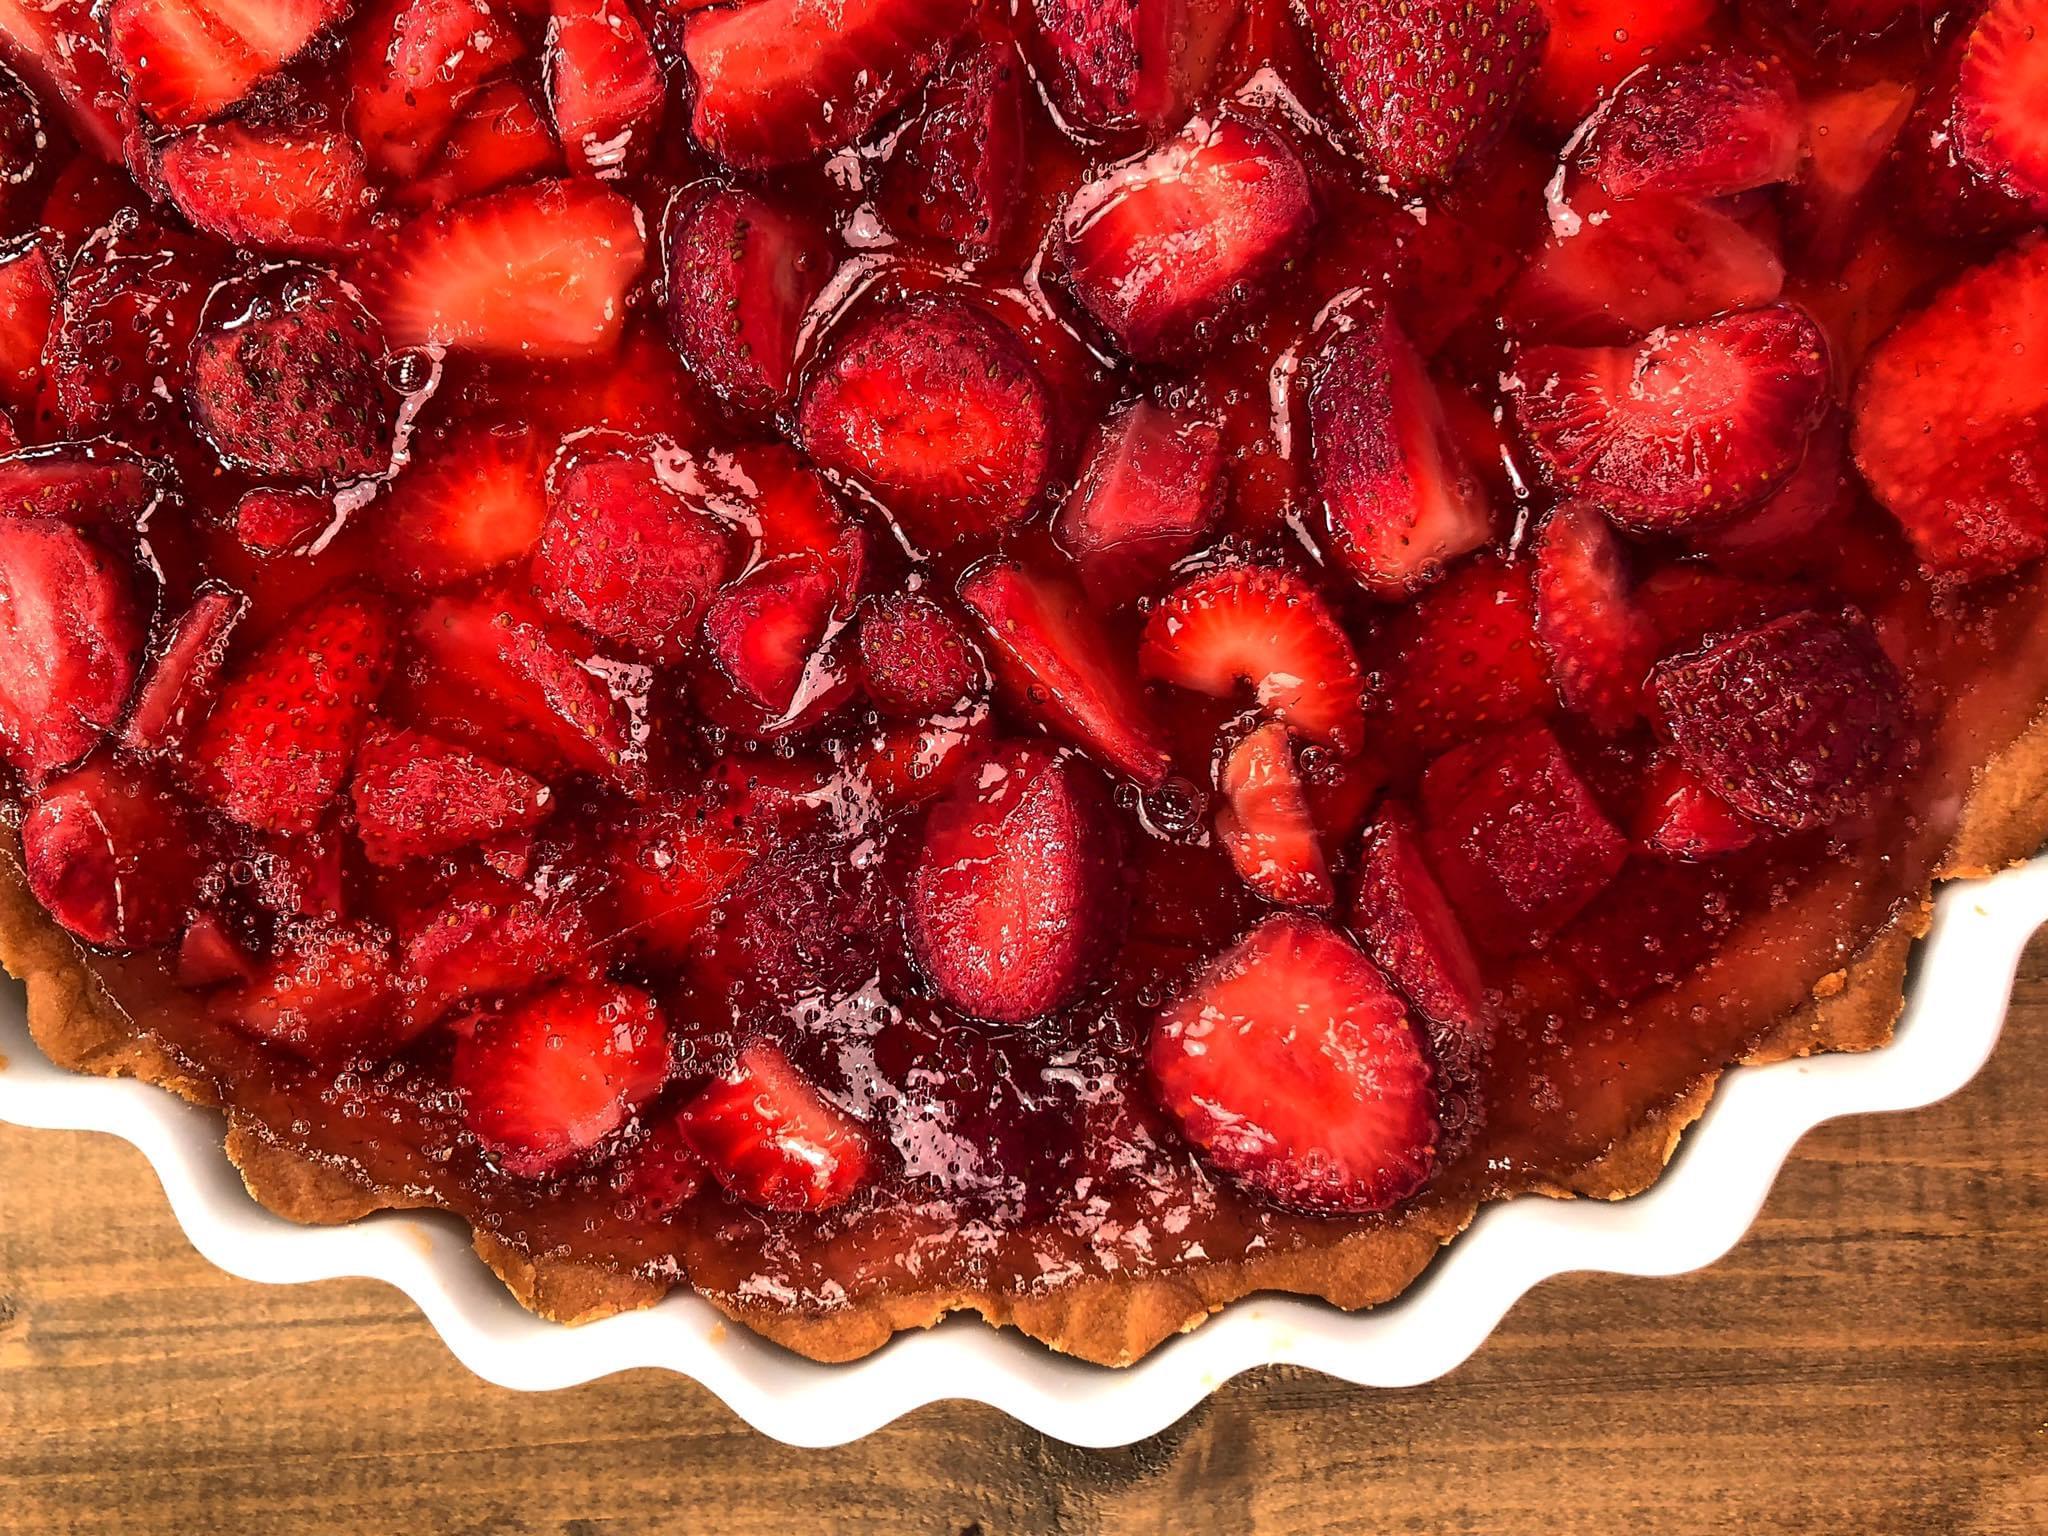 Δροσερή Τάρτα με Φράουλες και Κρέμα   Λάμπρος Βακιάρος Lambros Vakiaros